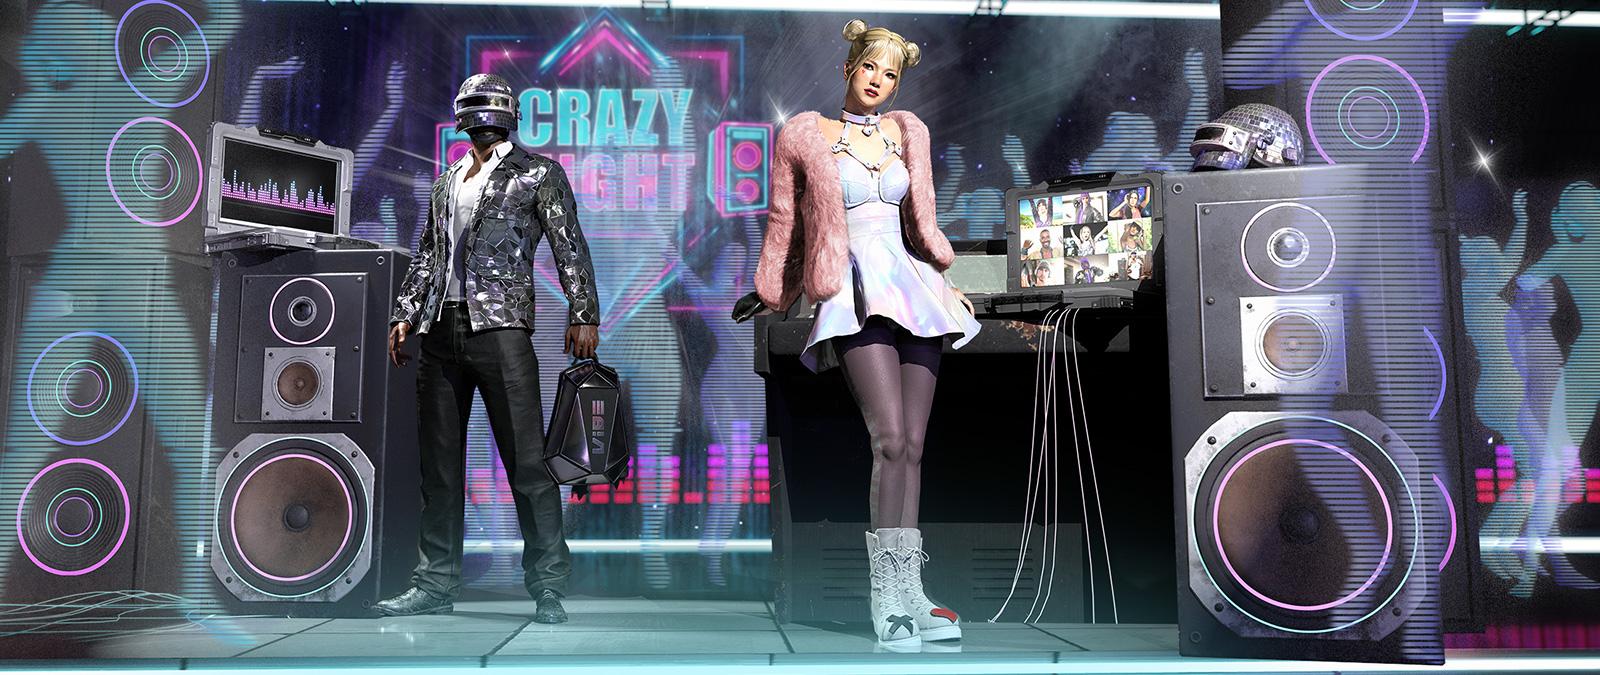 Dos personajes en un escenario con grandes altavoces y apariencias de Crazy Night